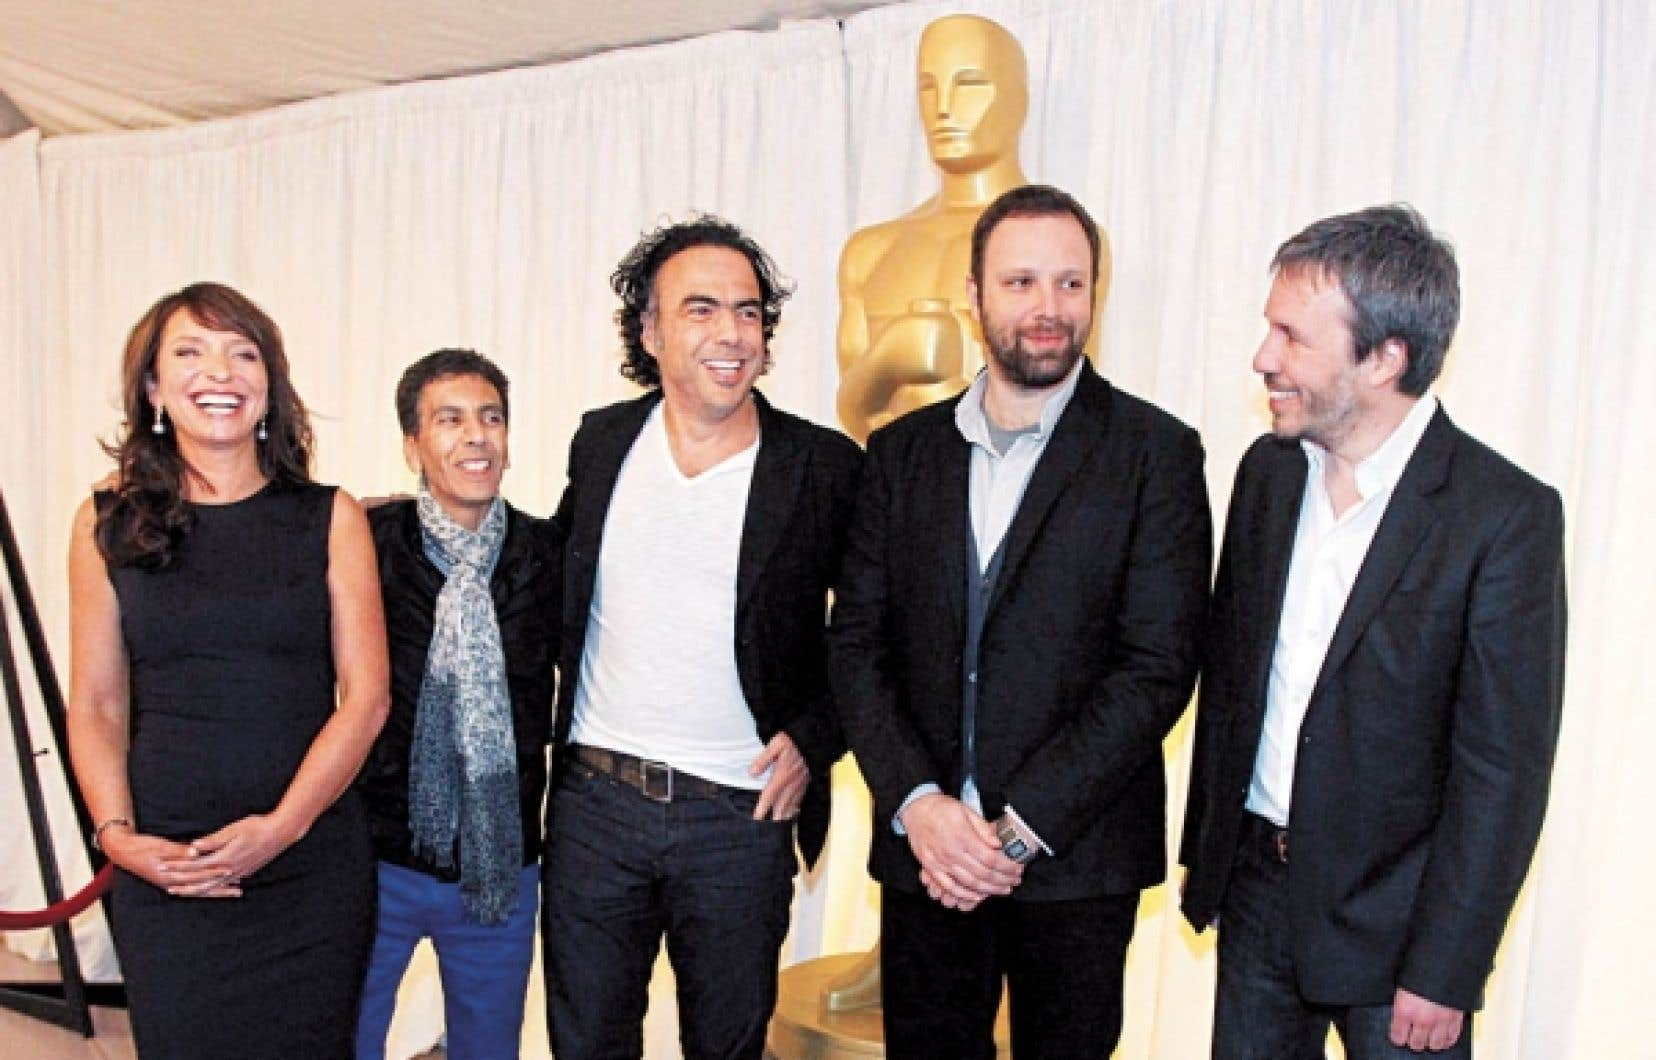 Denis Villeneuve (à droite) pose en compagnie de cinéastes nommés dans la catégorie du meilleur film en langue étrangère, Susanne Bier, Rachid Bouchareb, Alejandro Gonzales Iñárritu et Giorgos Lanthimos lors de la cérémonie des Oscar, le 15 février dernier à Hollywood. Le cinéaste québécois a dit avoir beaucoup aimé l'esprit de famille qui régnait lors de l'événement.<br />